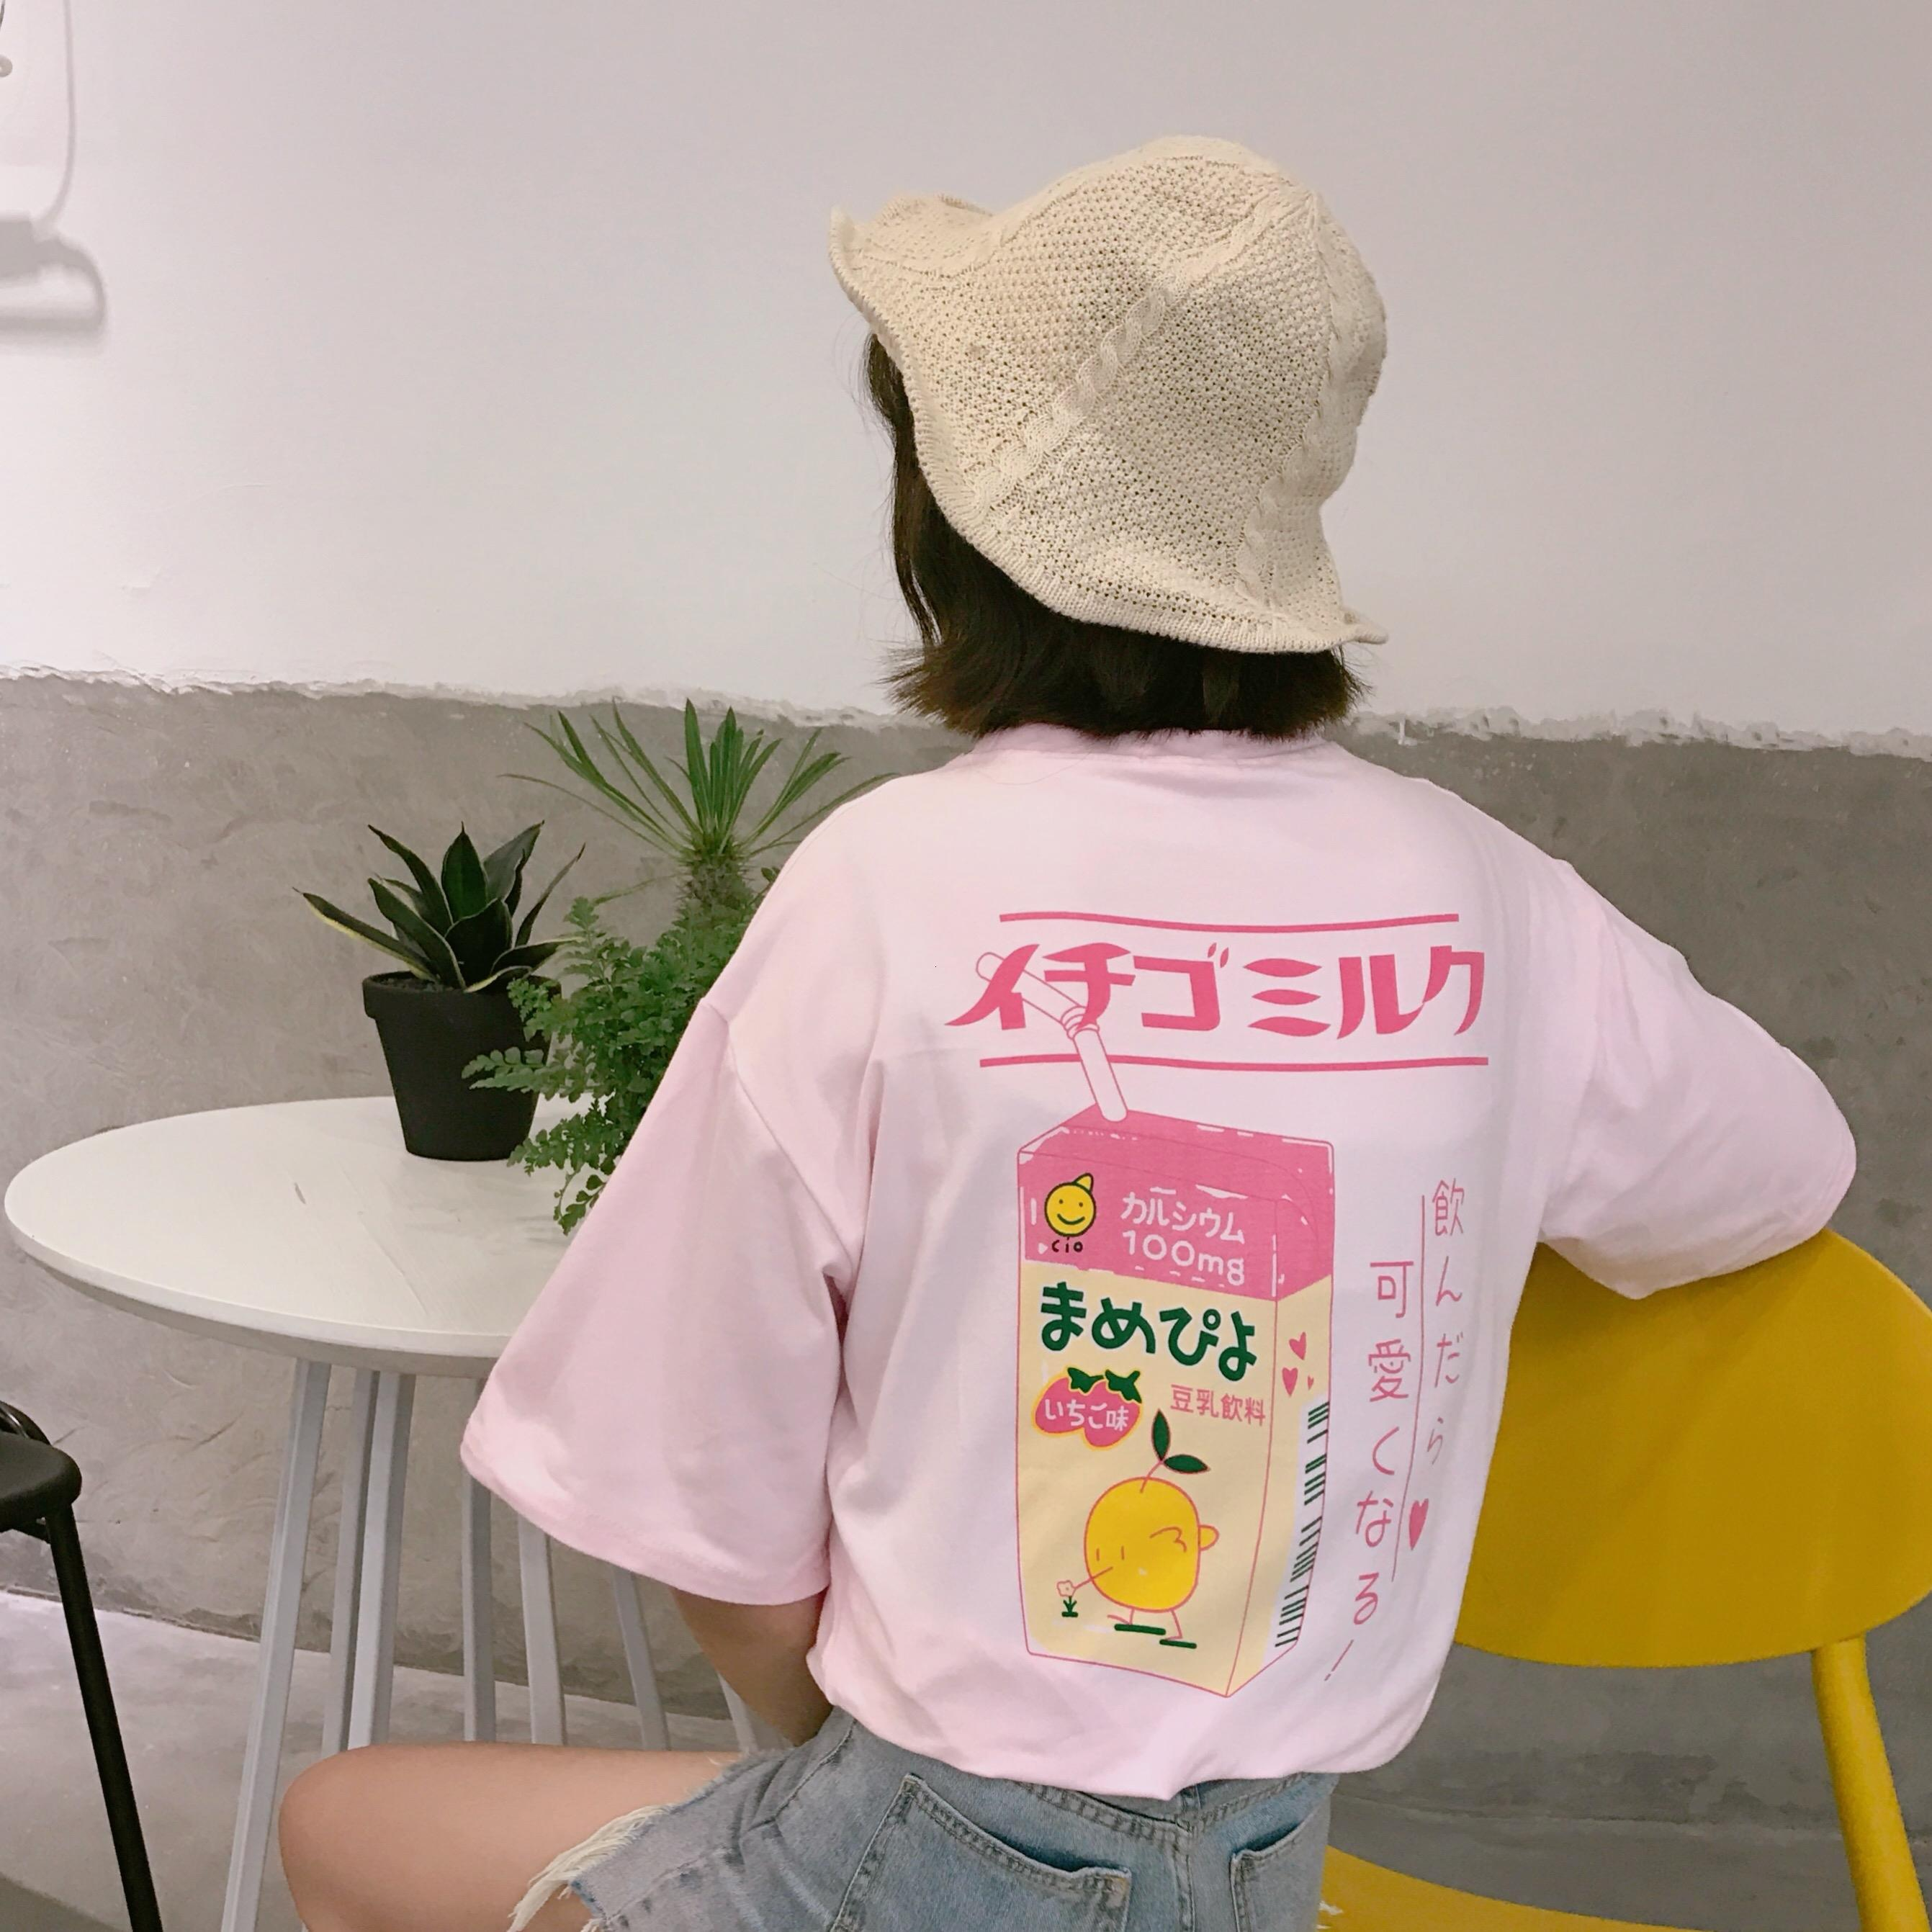 Le donne del progettista magliette delle donne supera Preppy Style manica corta T-shirt di cotone morbido sveglio girocollo estive Lettera giapponese Drop Shipping